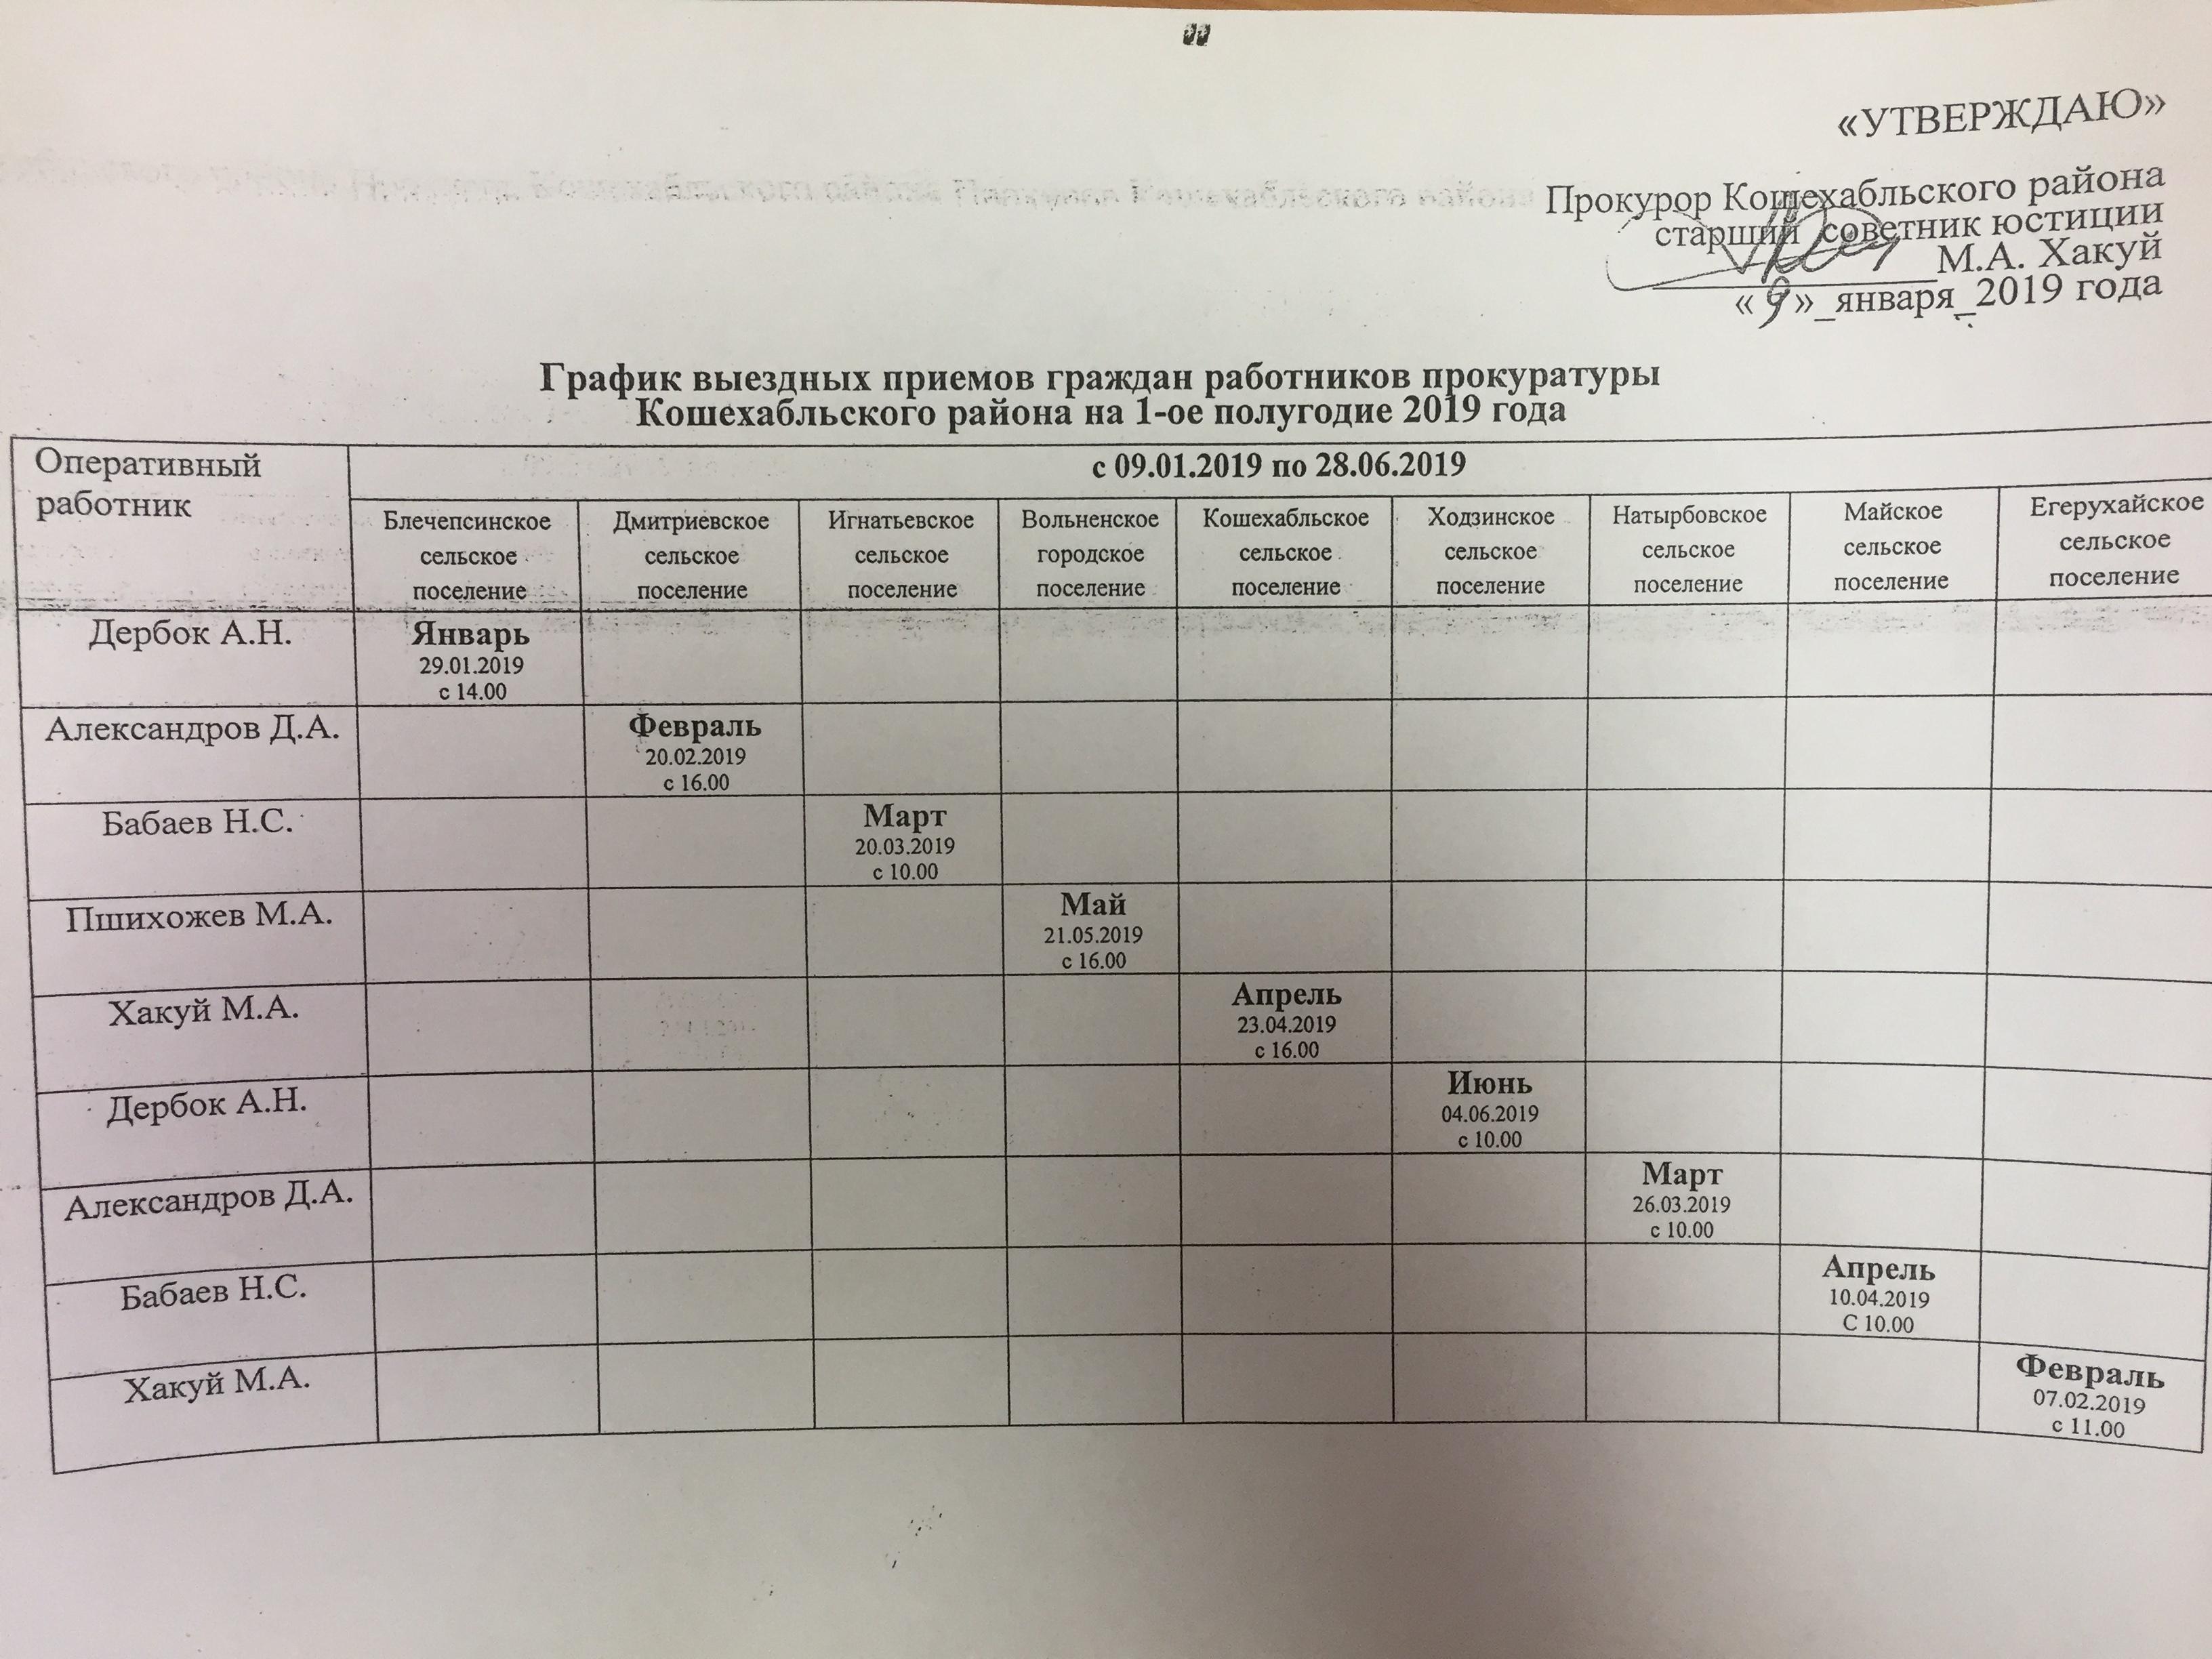 Купить больничный лист в Москве Коптево официально задним числом дешево 24 часа